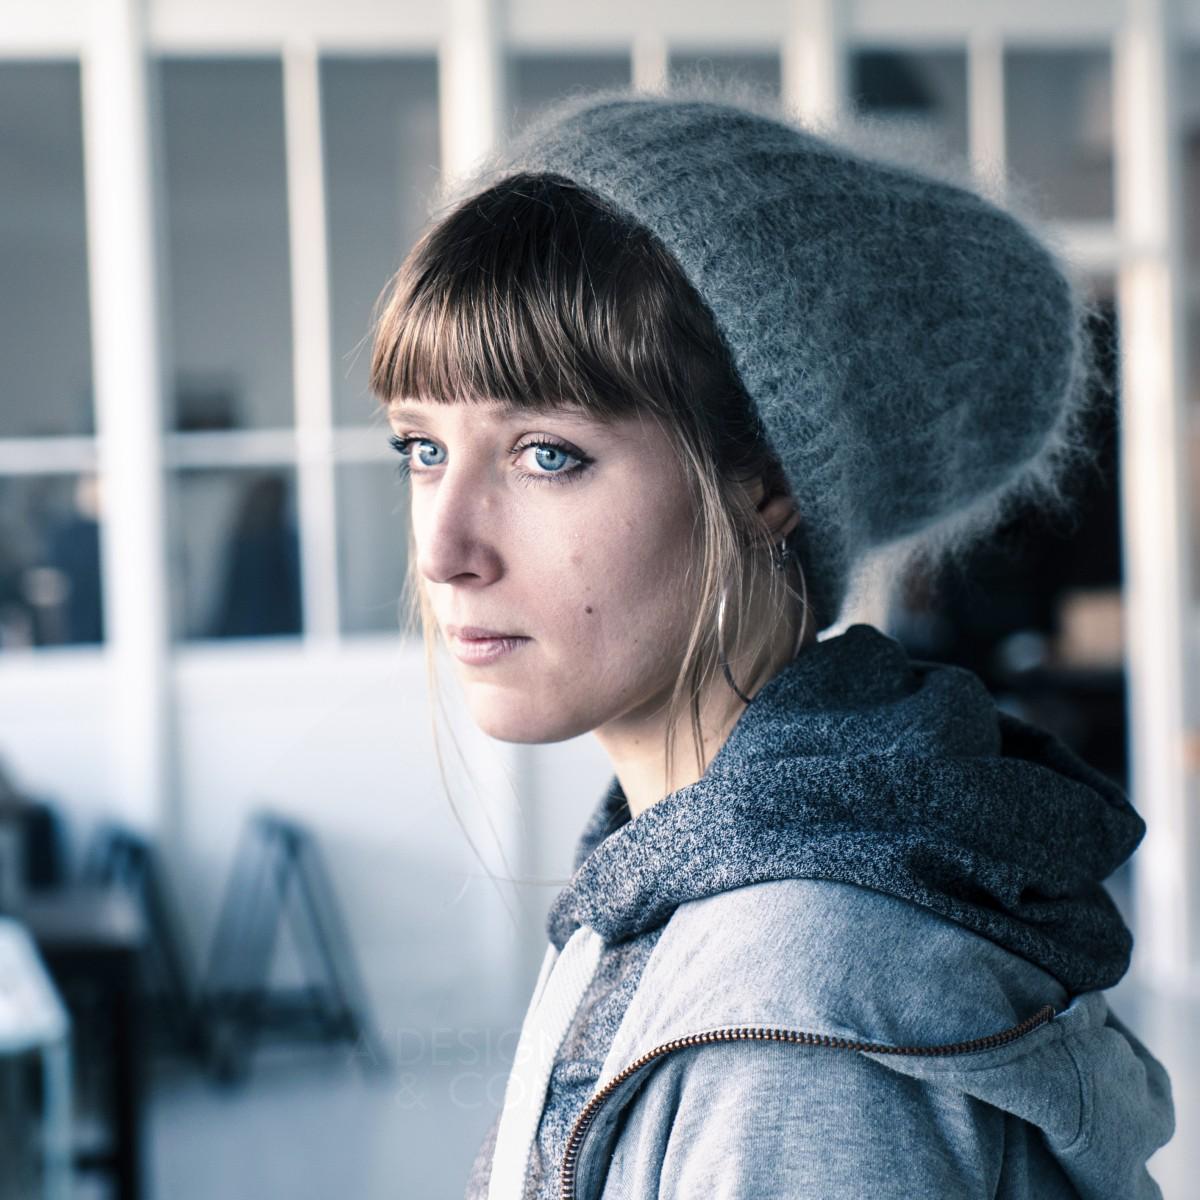 Amanda-Li Kollberg